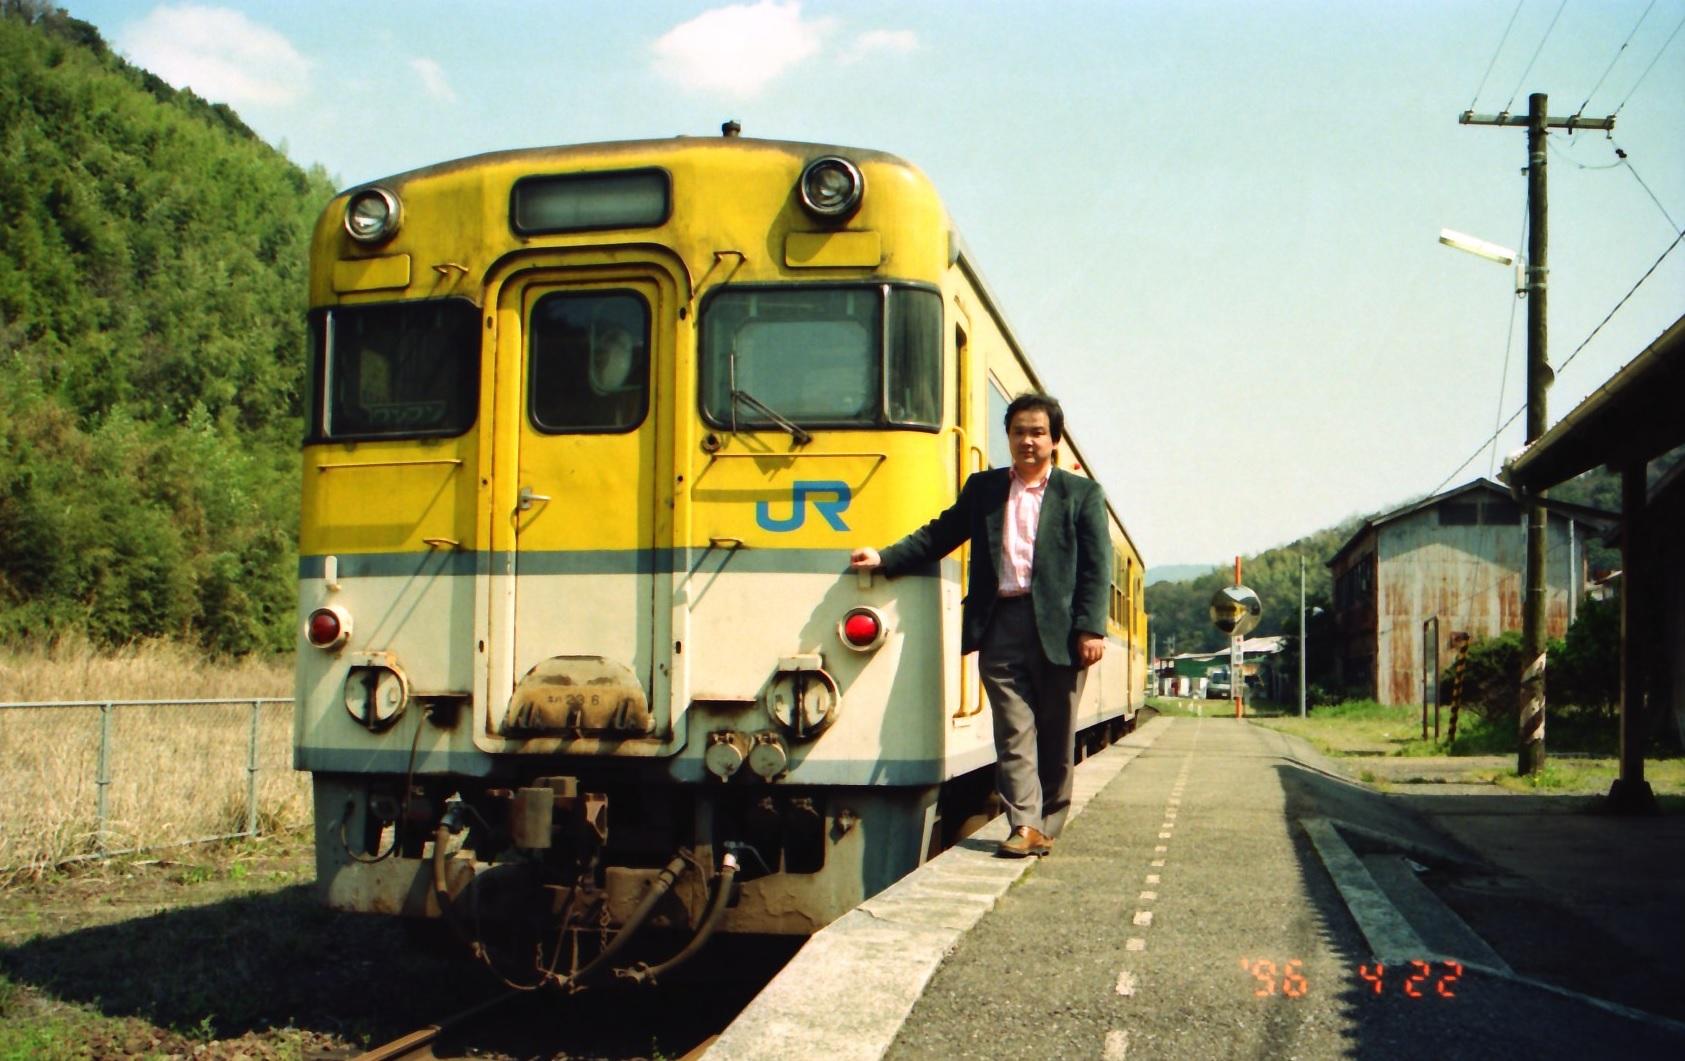 募集します! あなたと鉄道写真 by トキ鉄